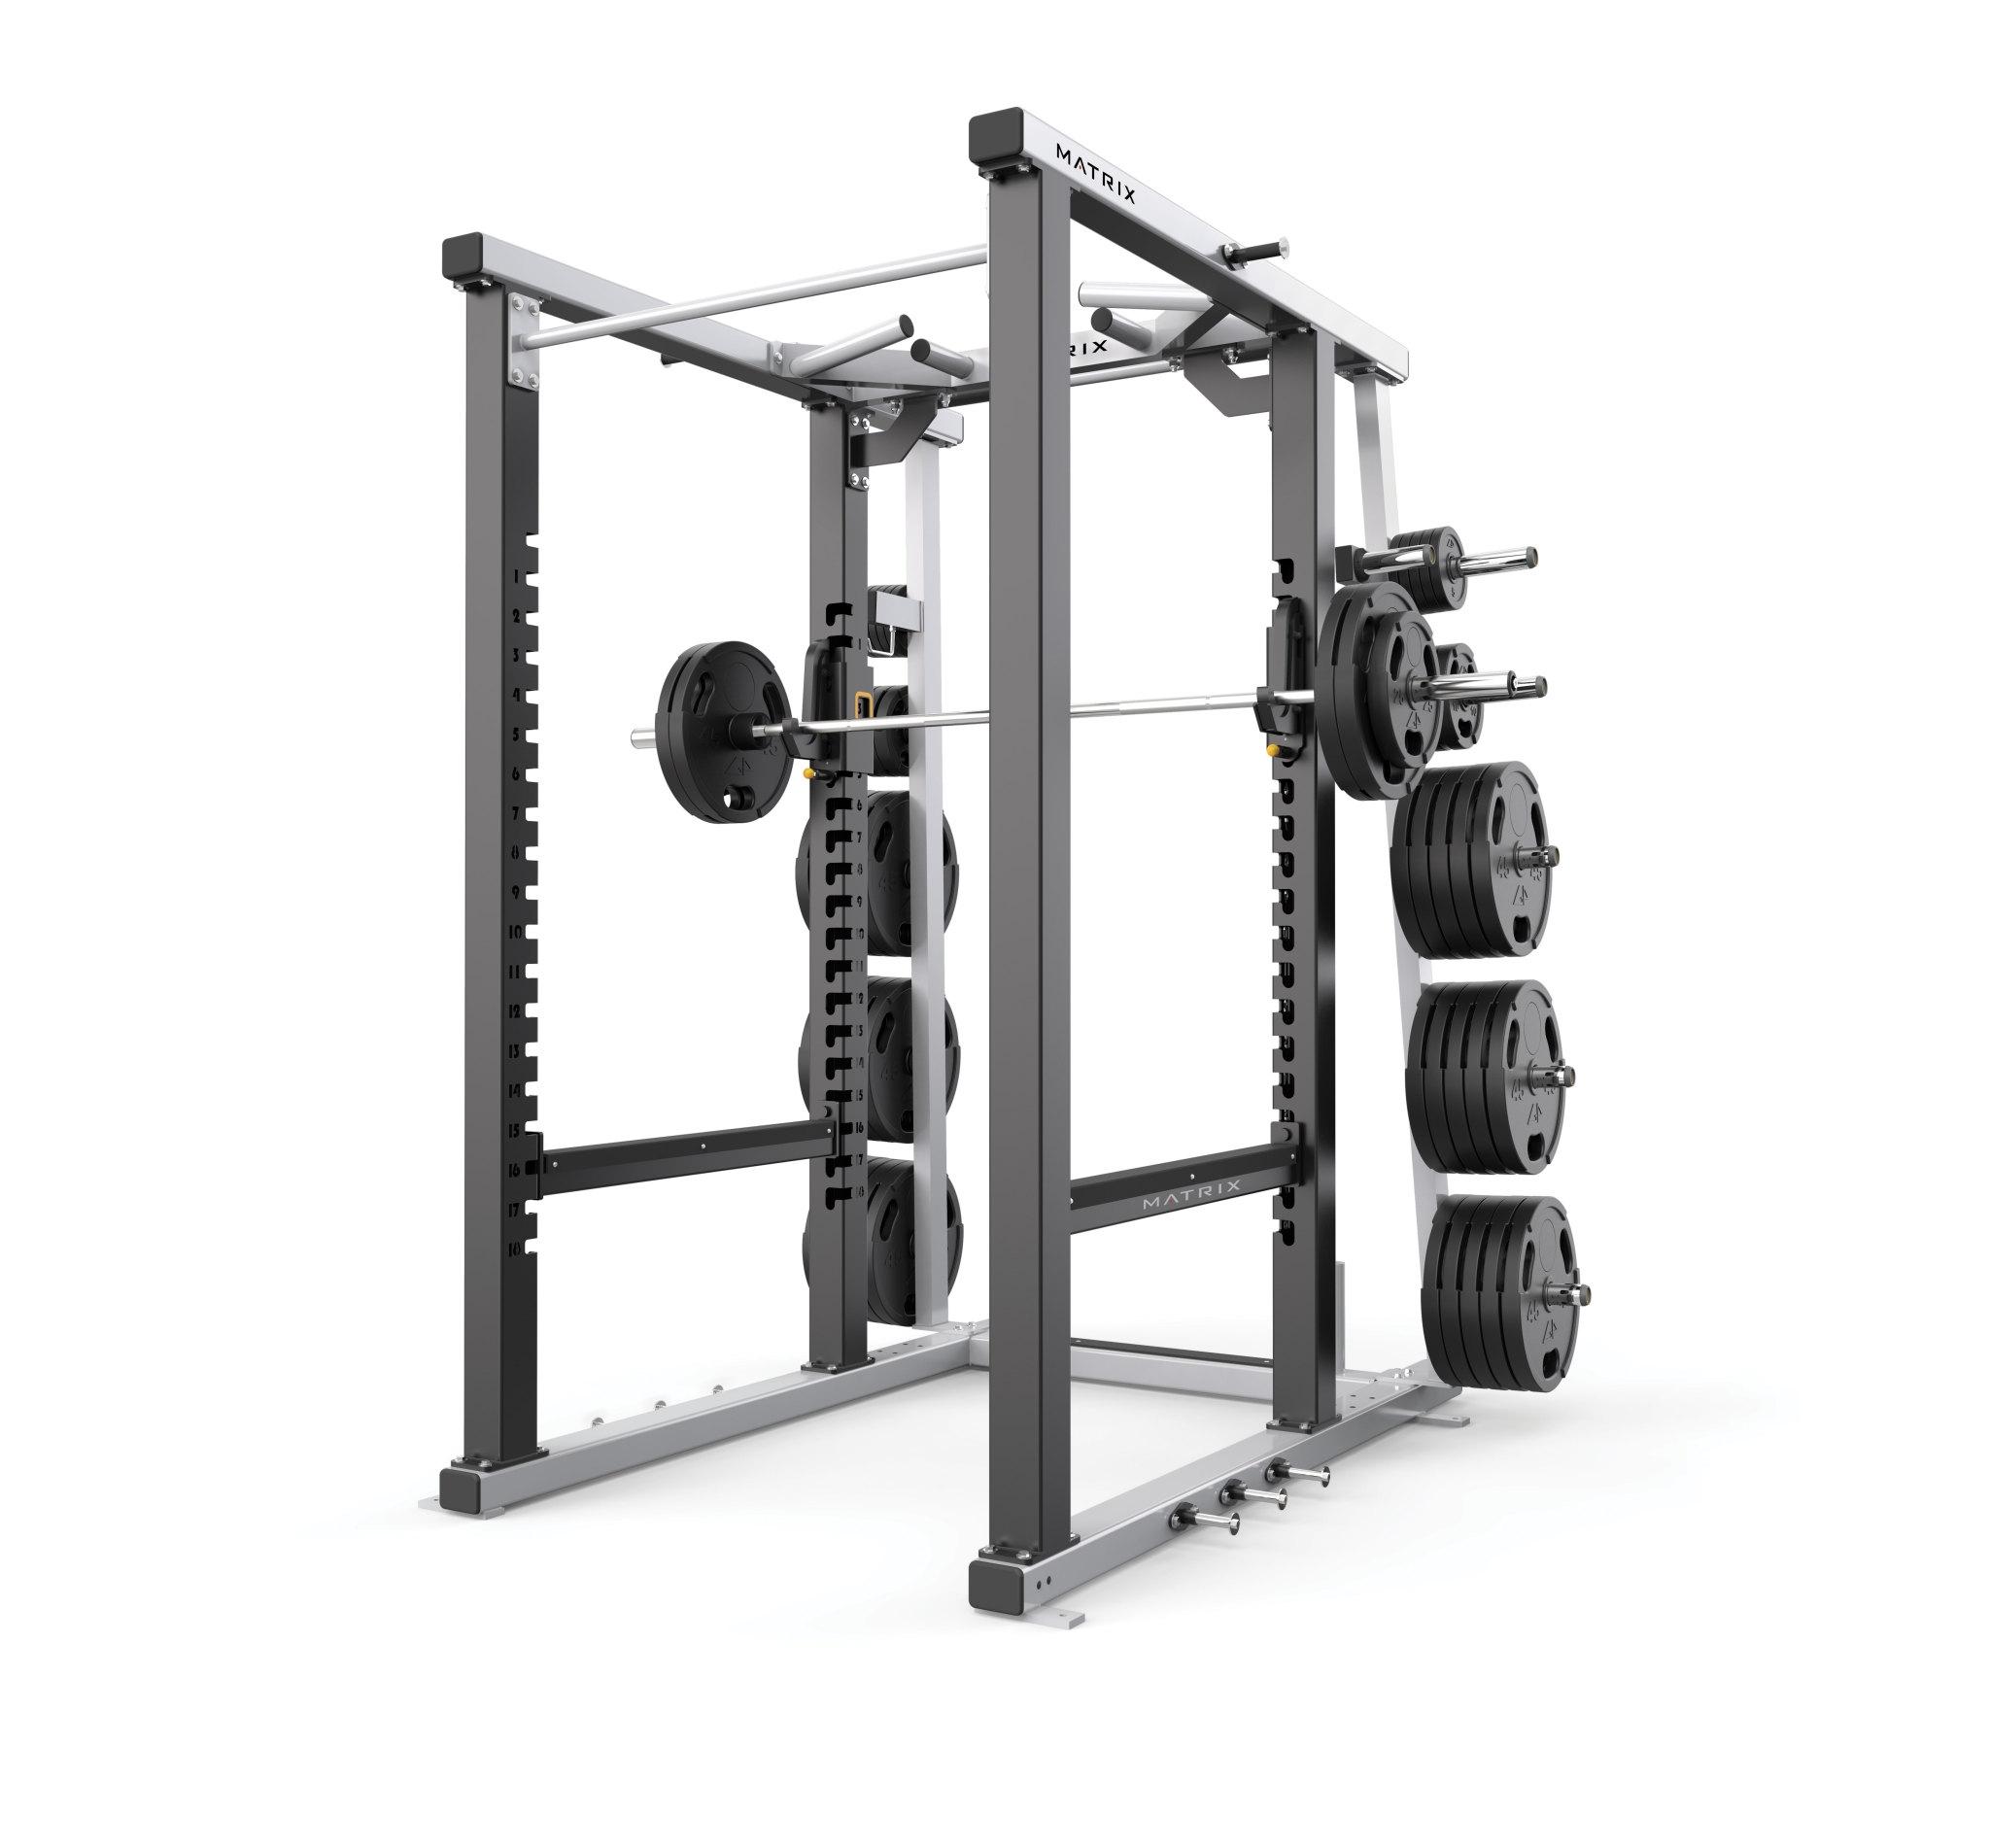 MEGA Power Rack